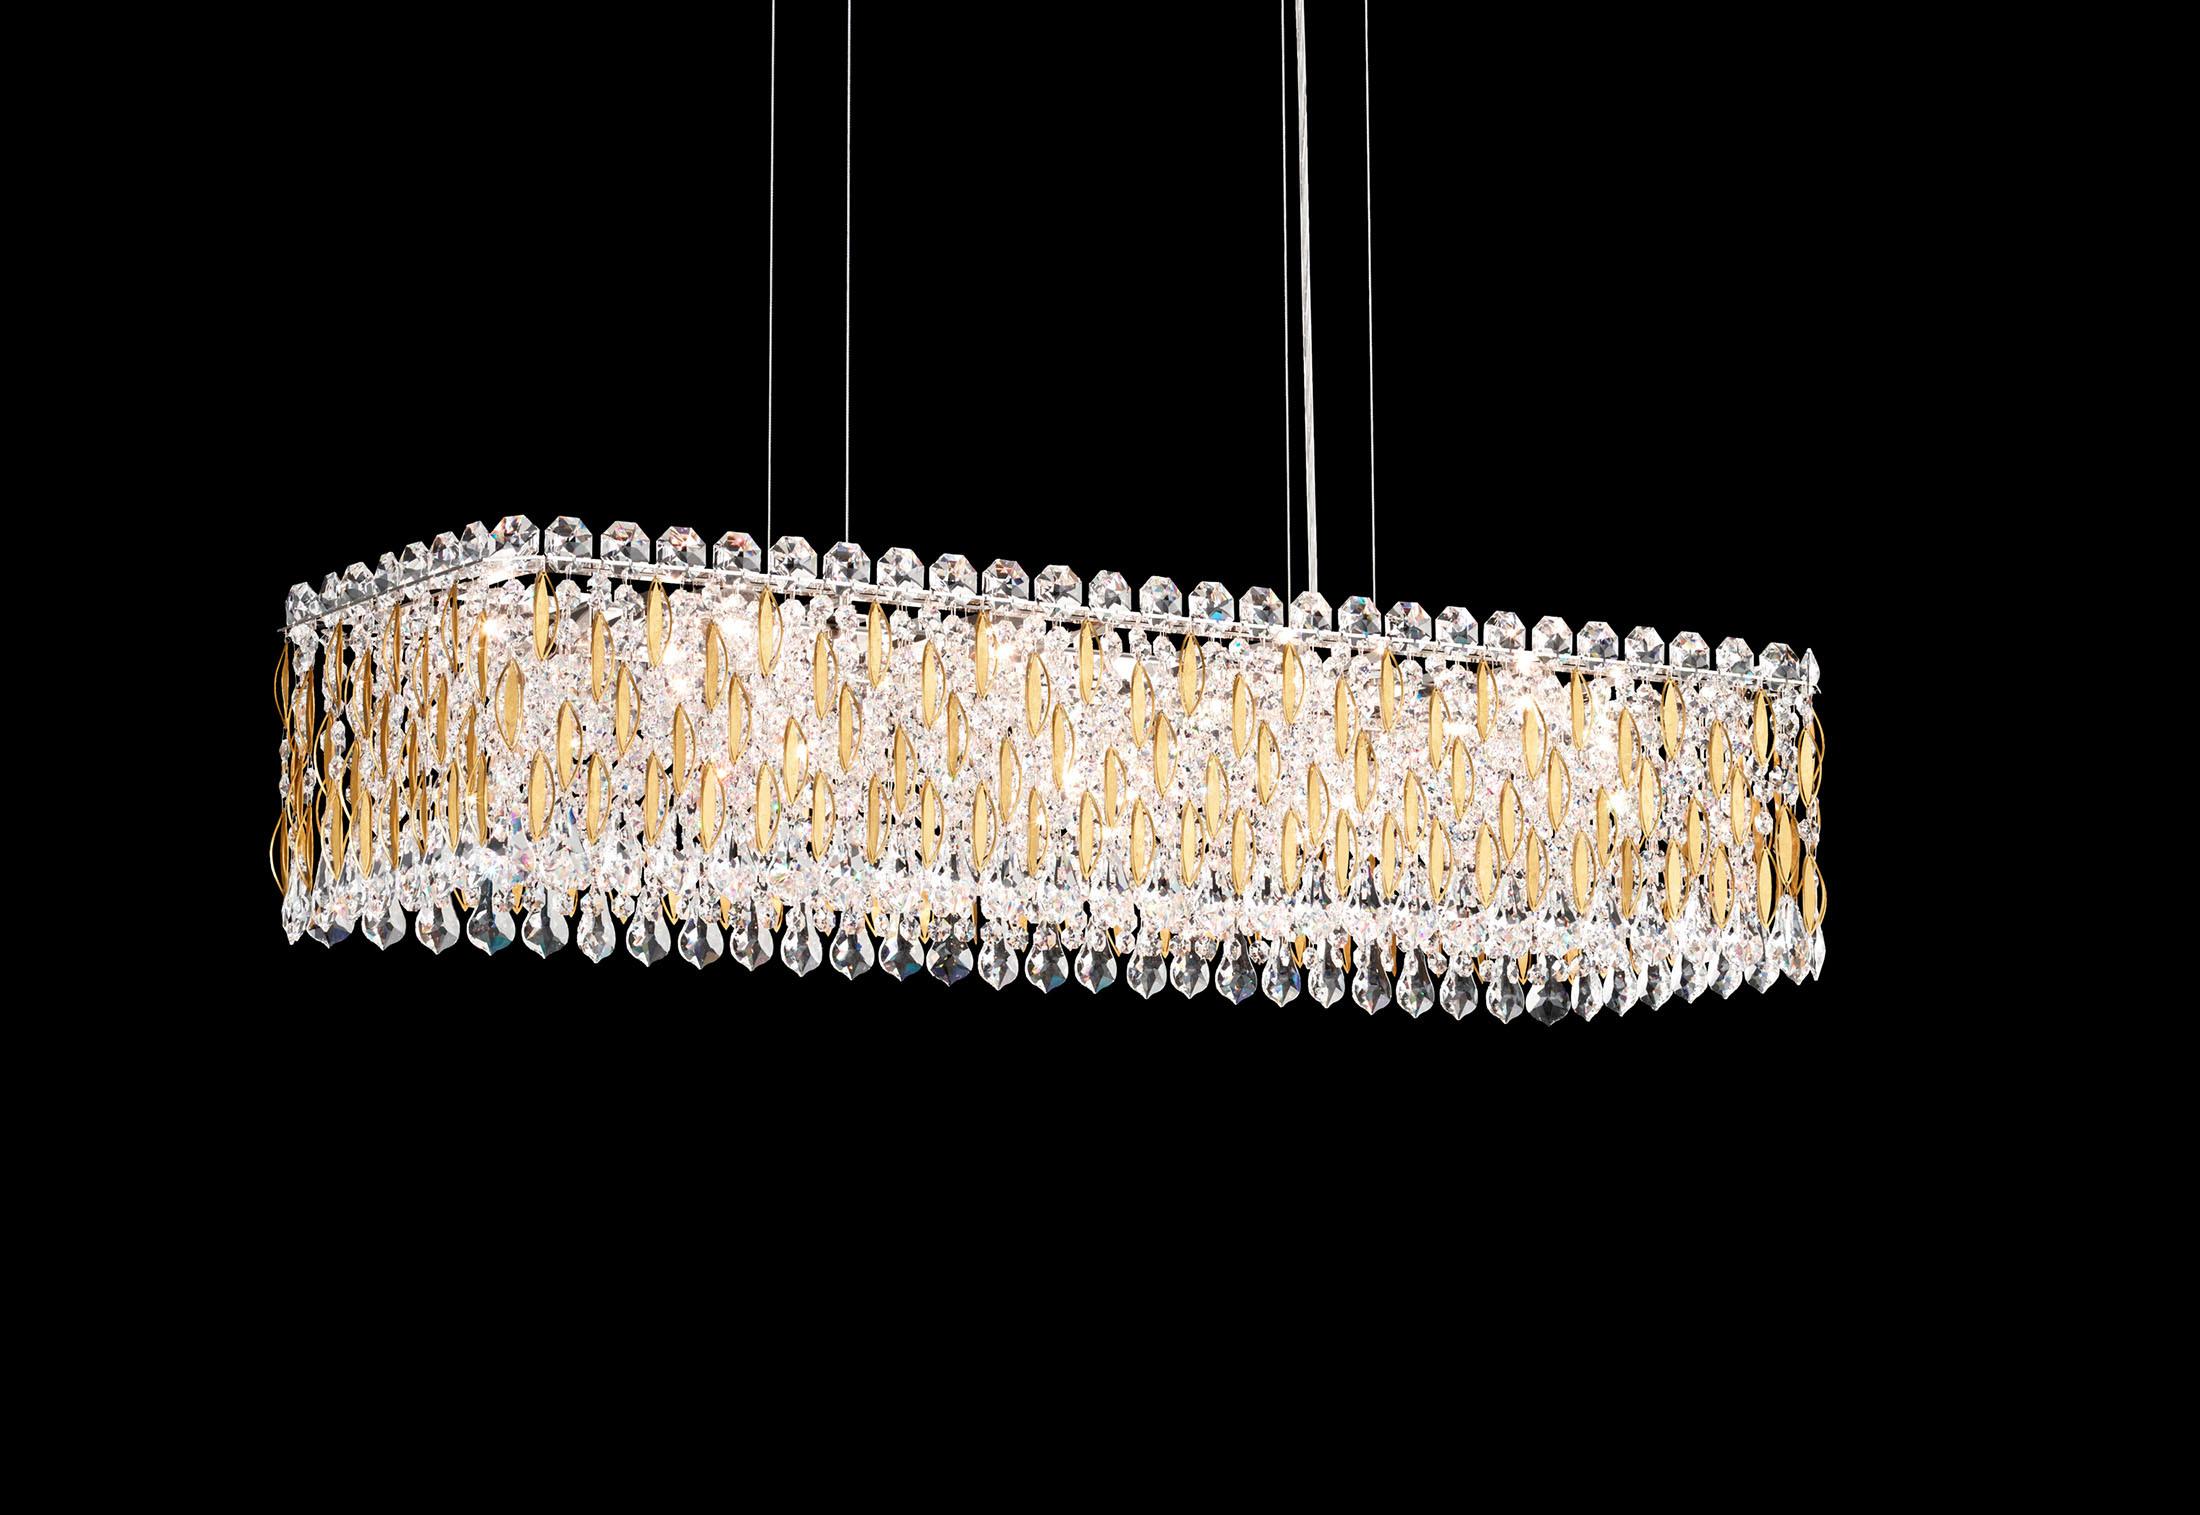 Sarella Pendant By Swarovski Lighting Stylepark